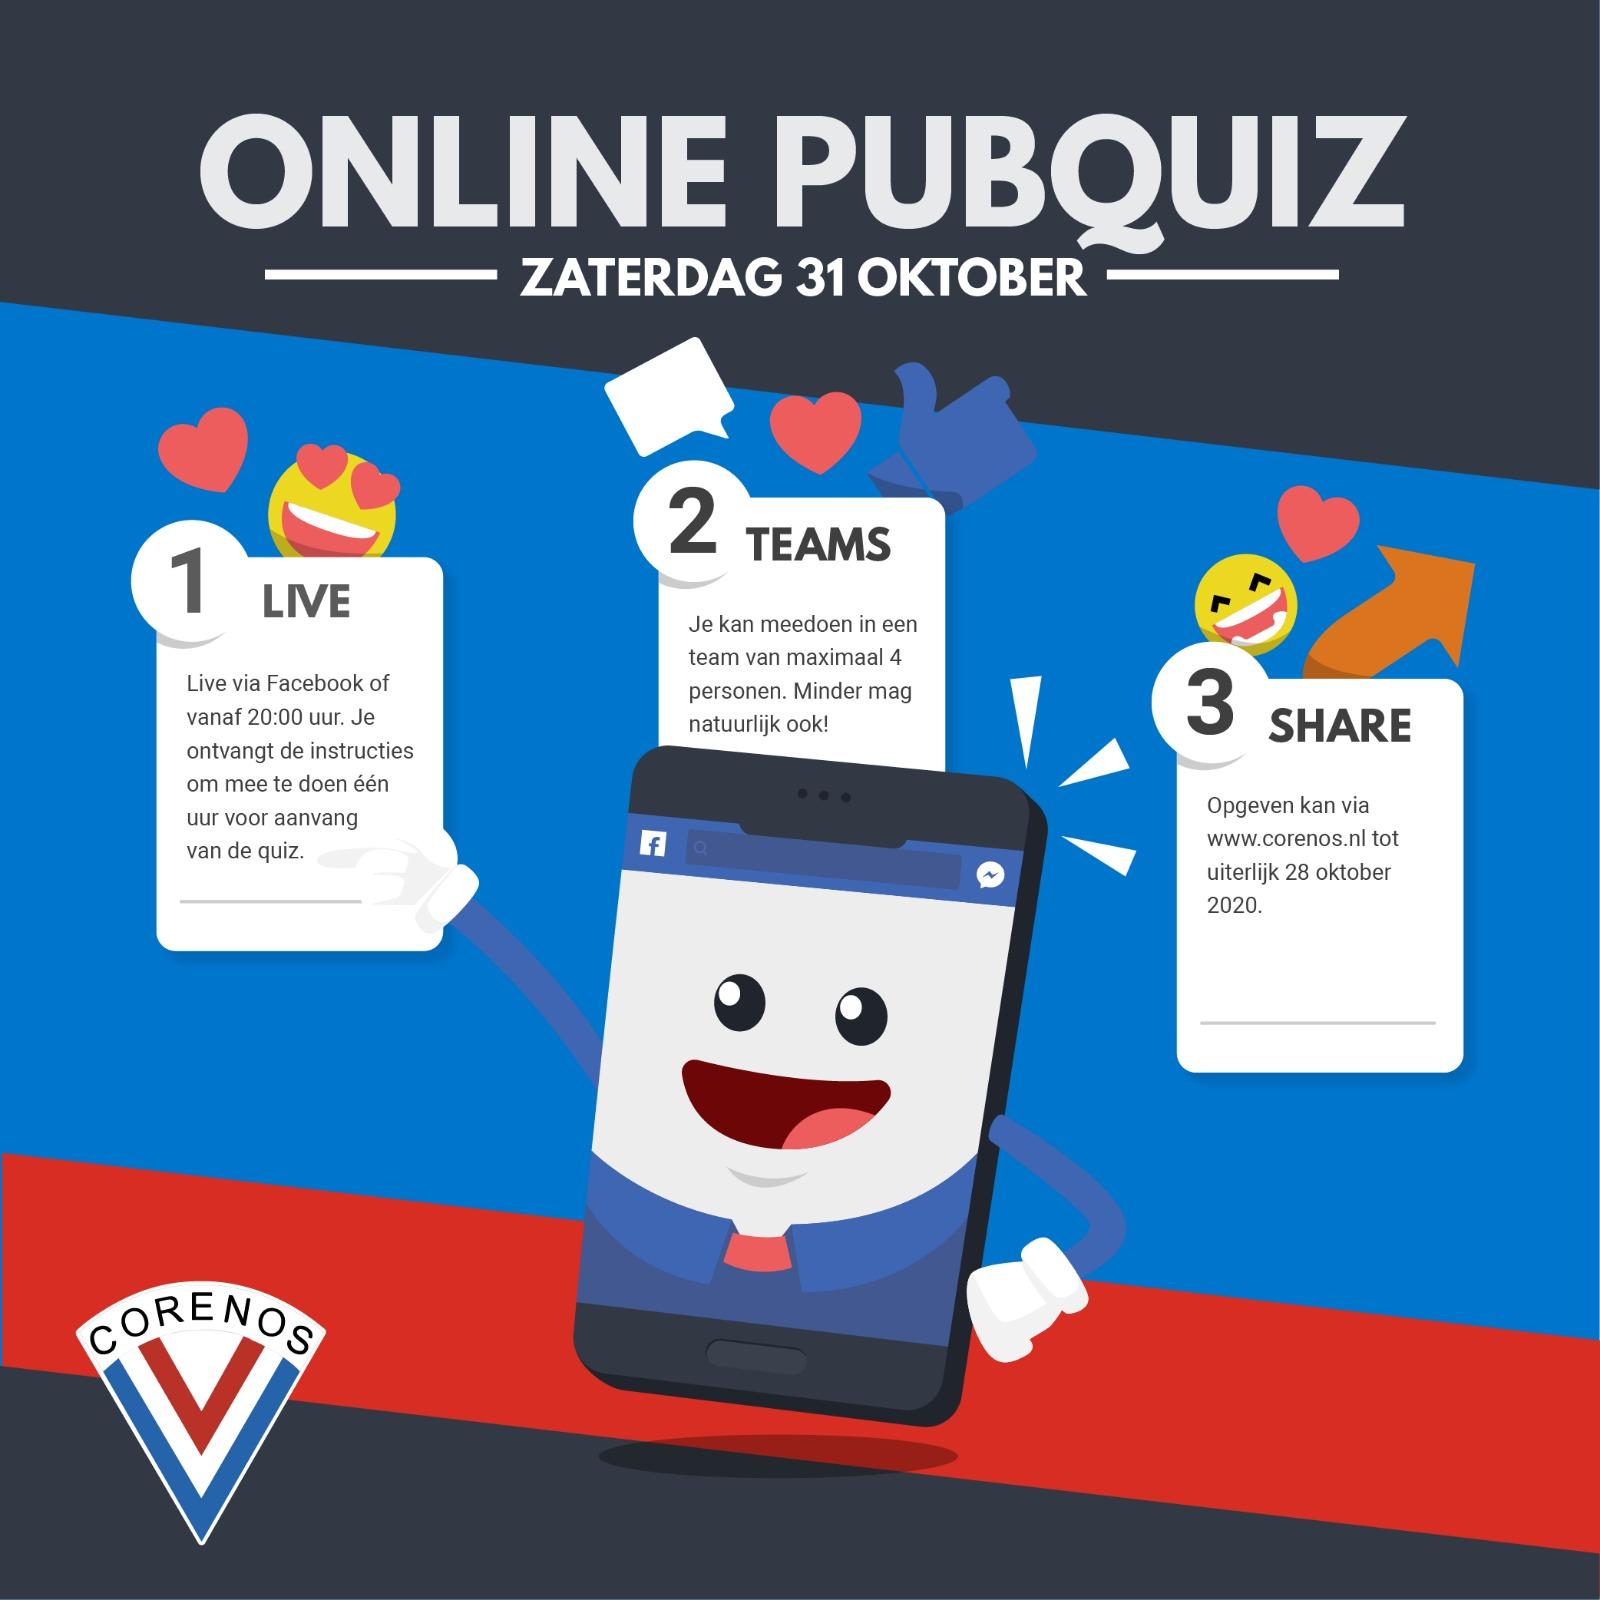 Online Pubquiz 31 oktober